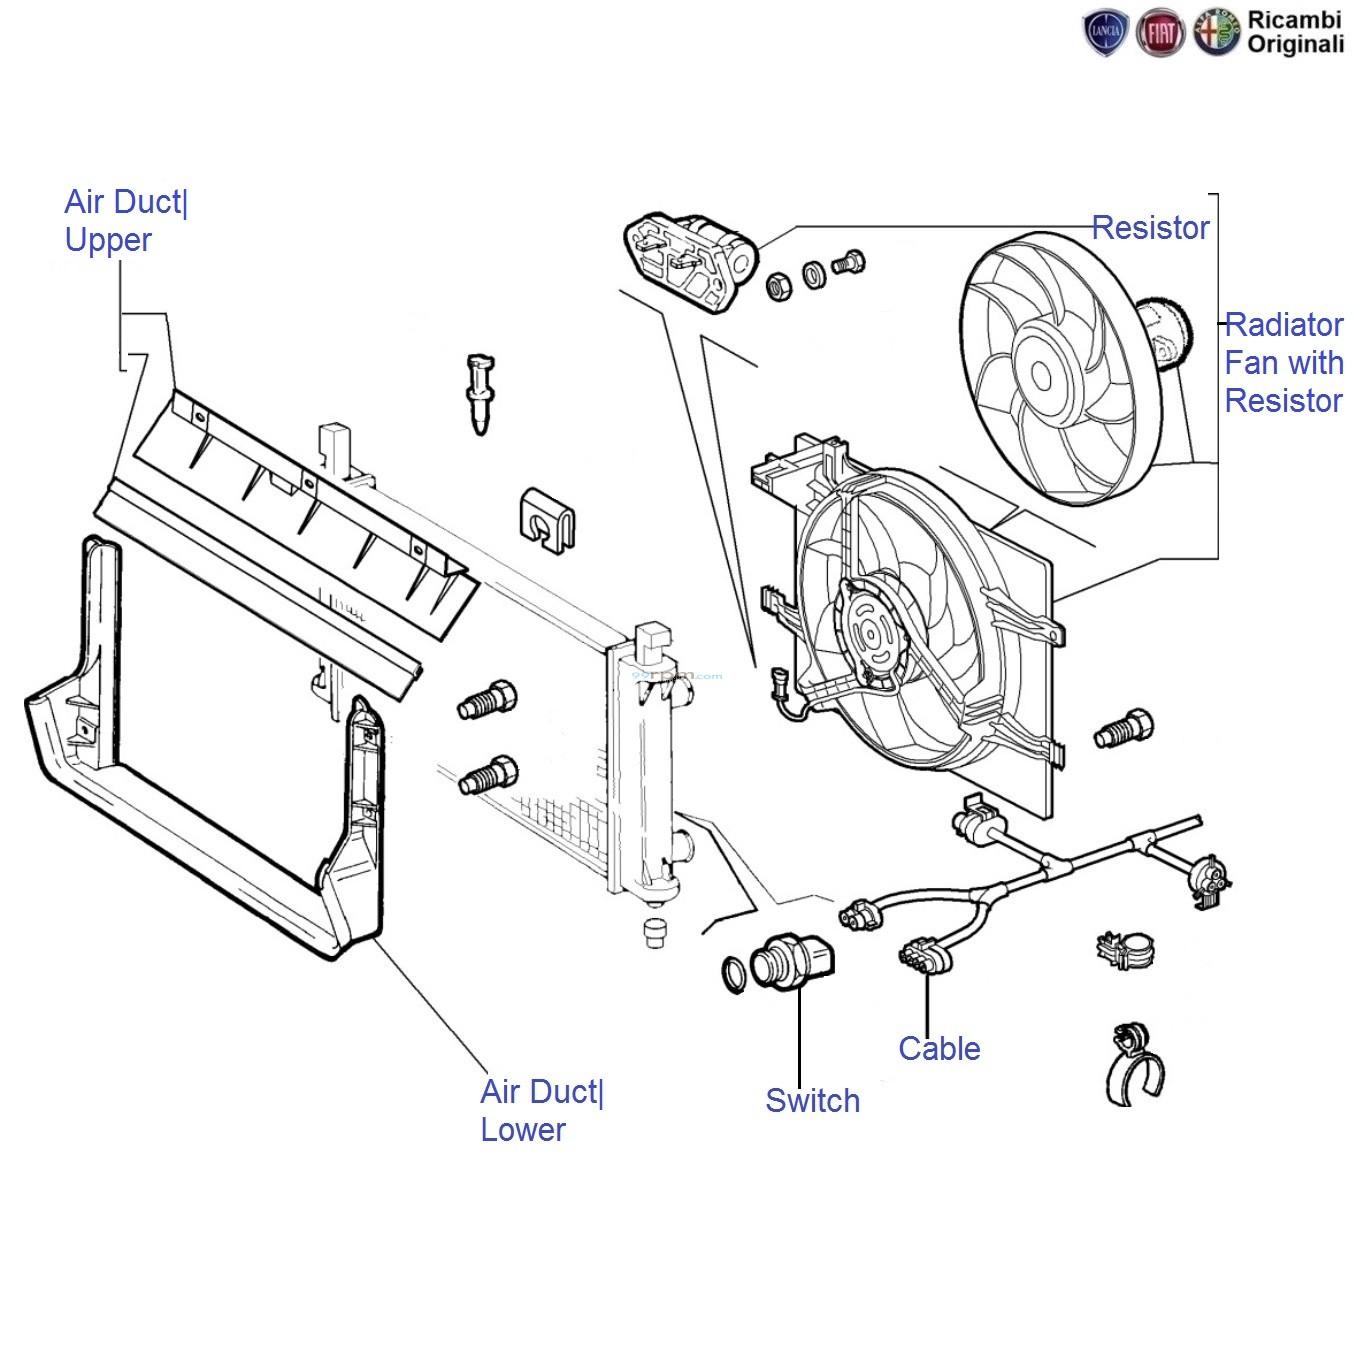 Wiring Toshiba Diagram Flf3bshd